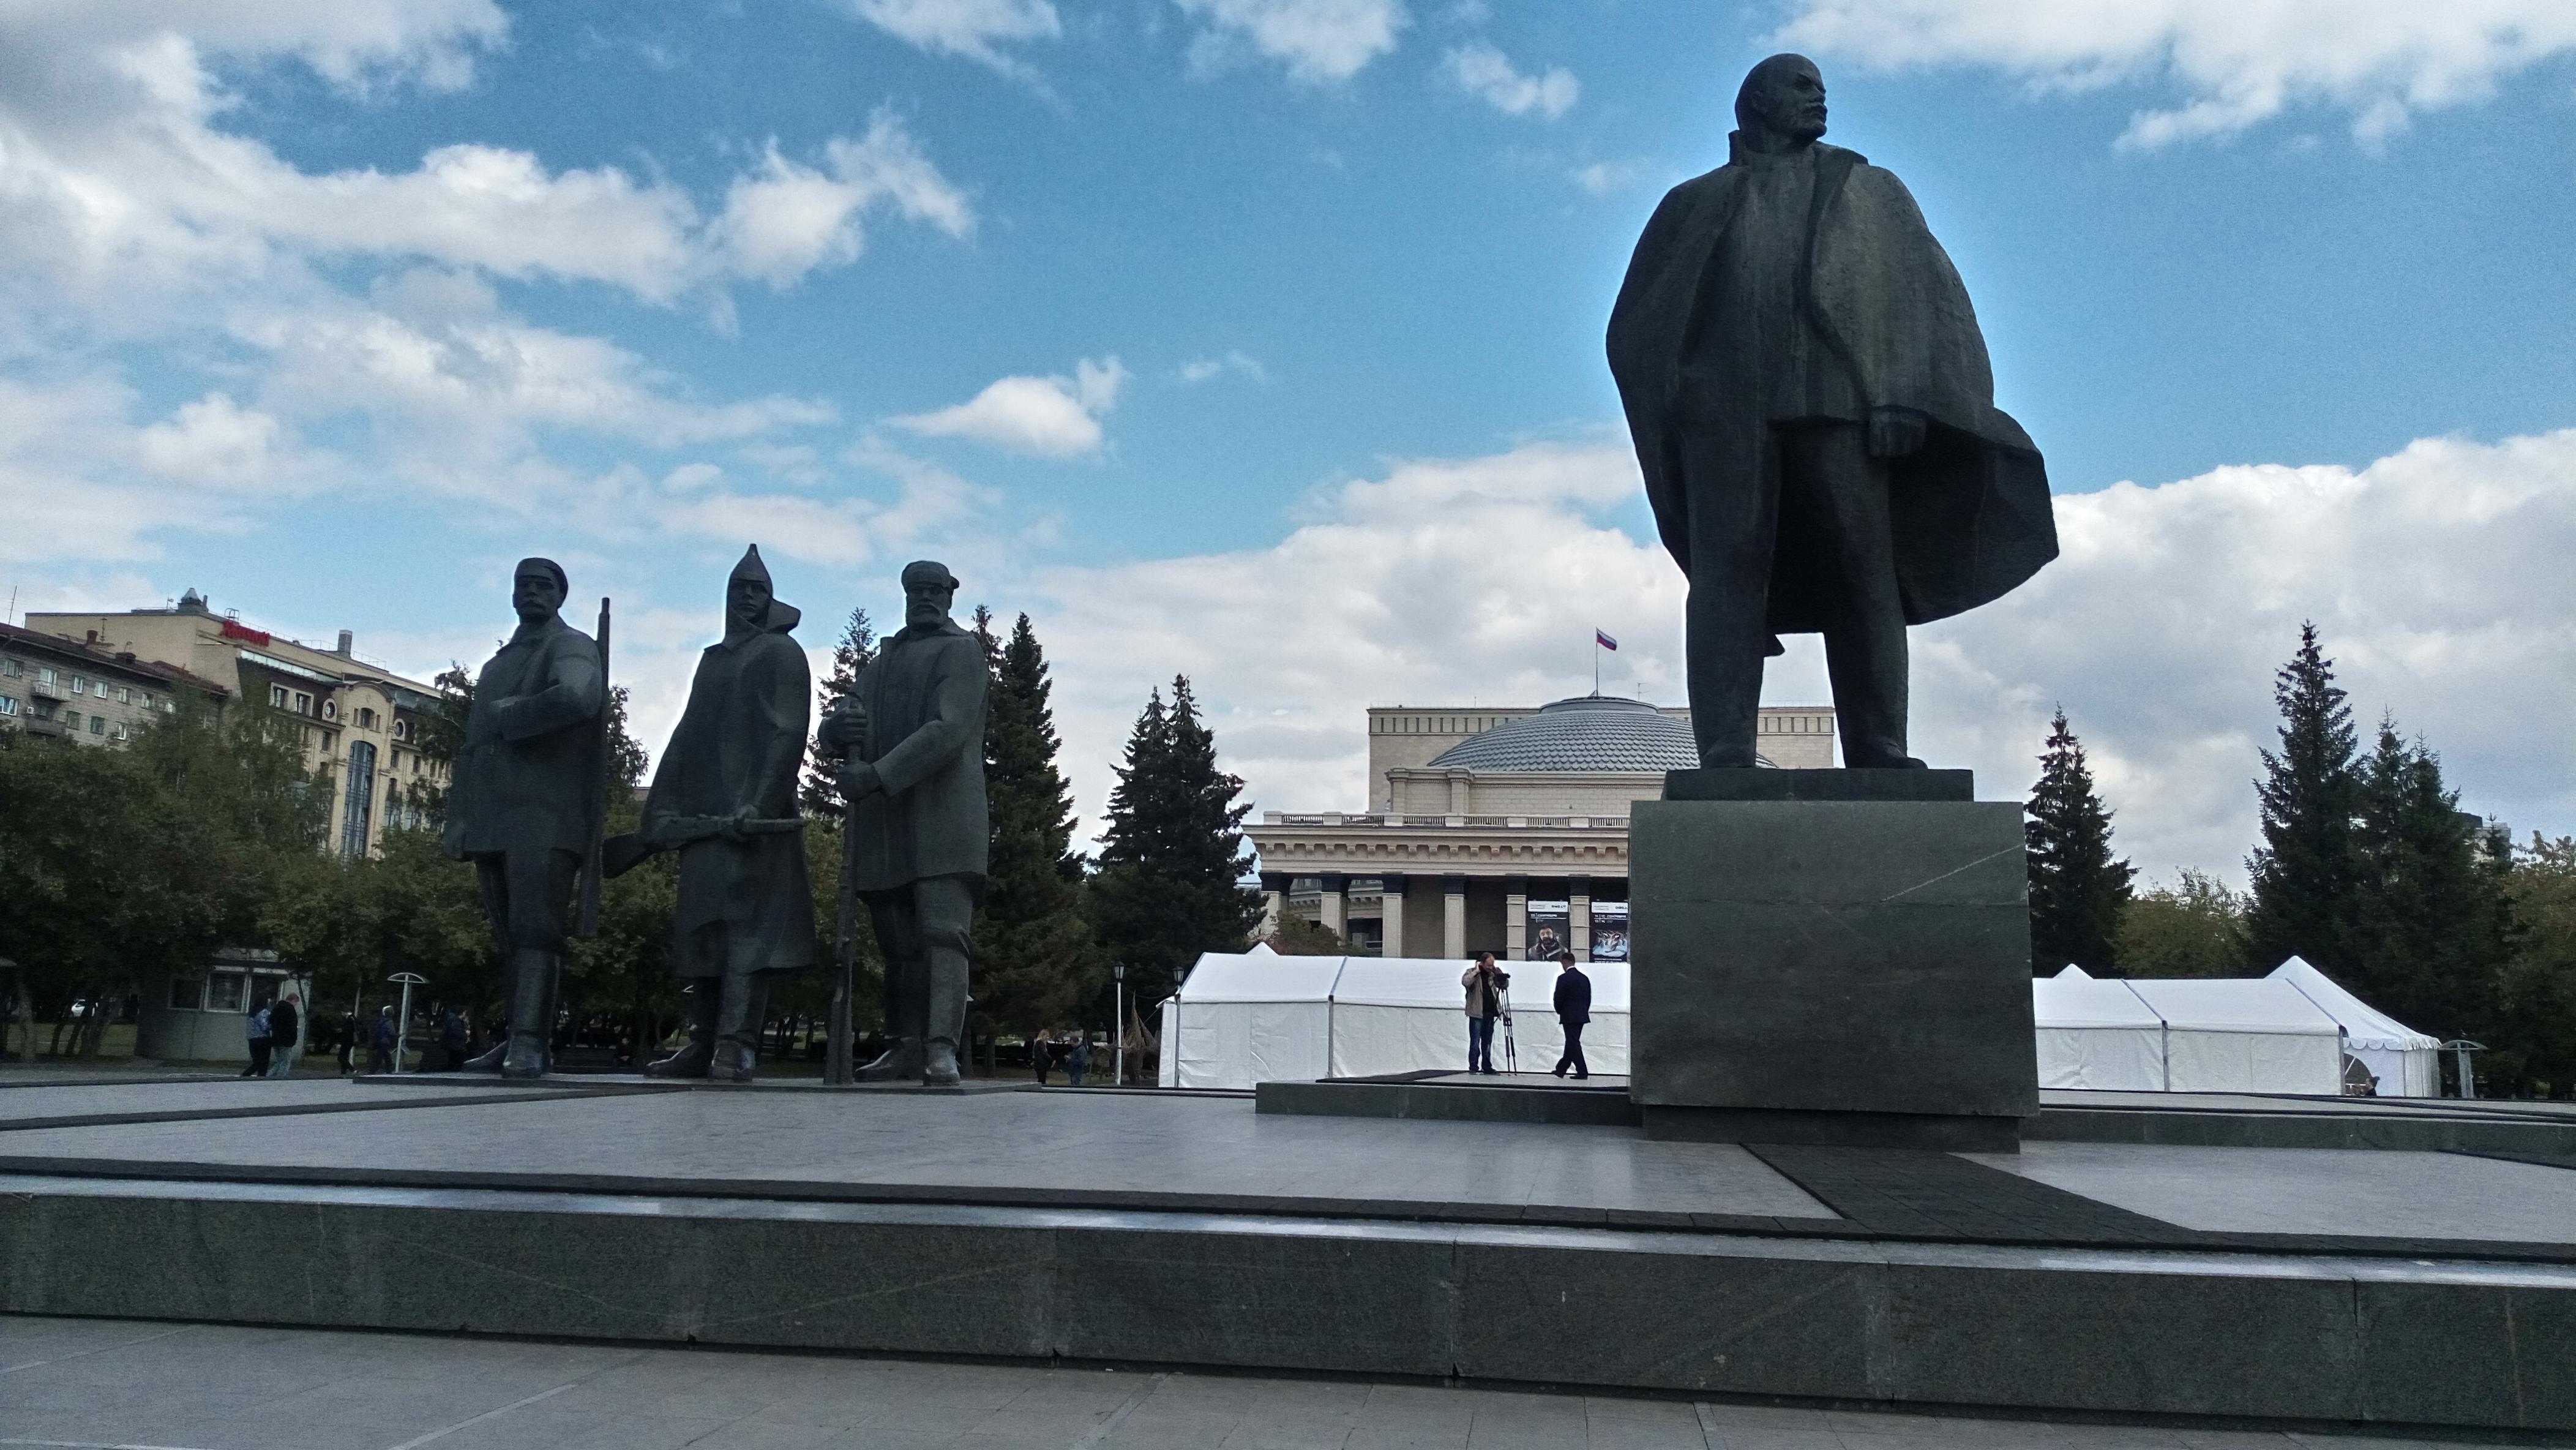 Päivät 20-21. Lenin setä asuu Venäjällä, mut mitä mittää mä tääl tee?